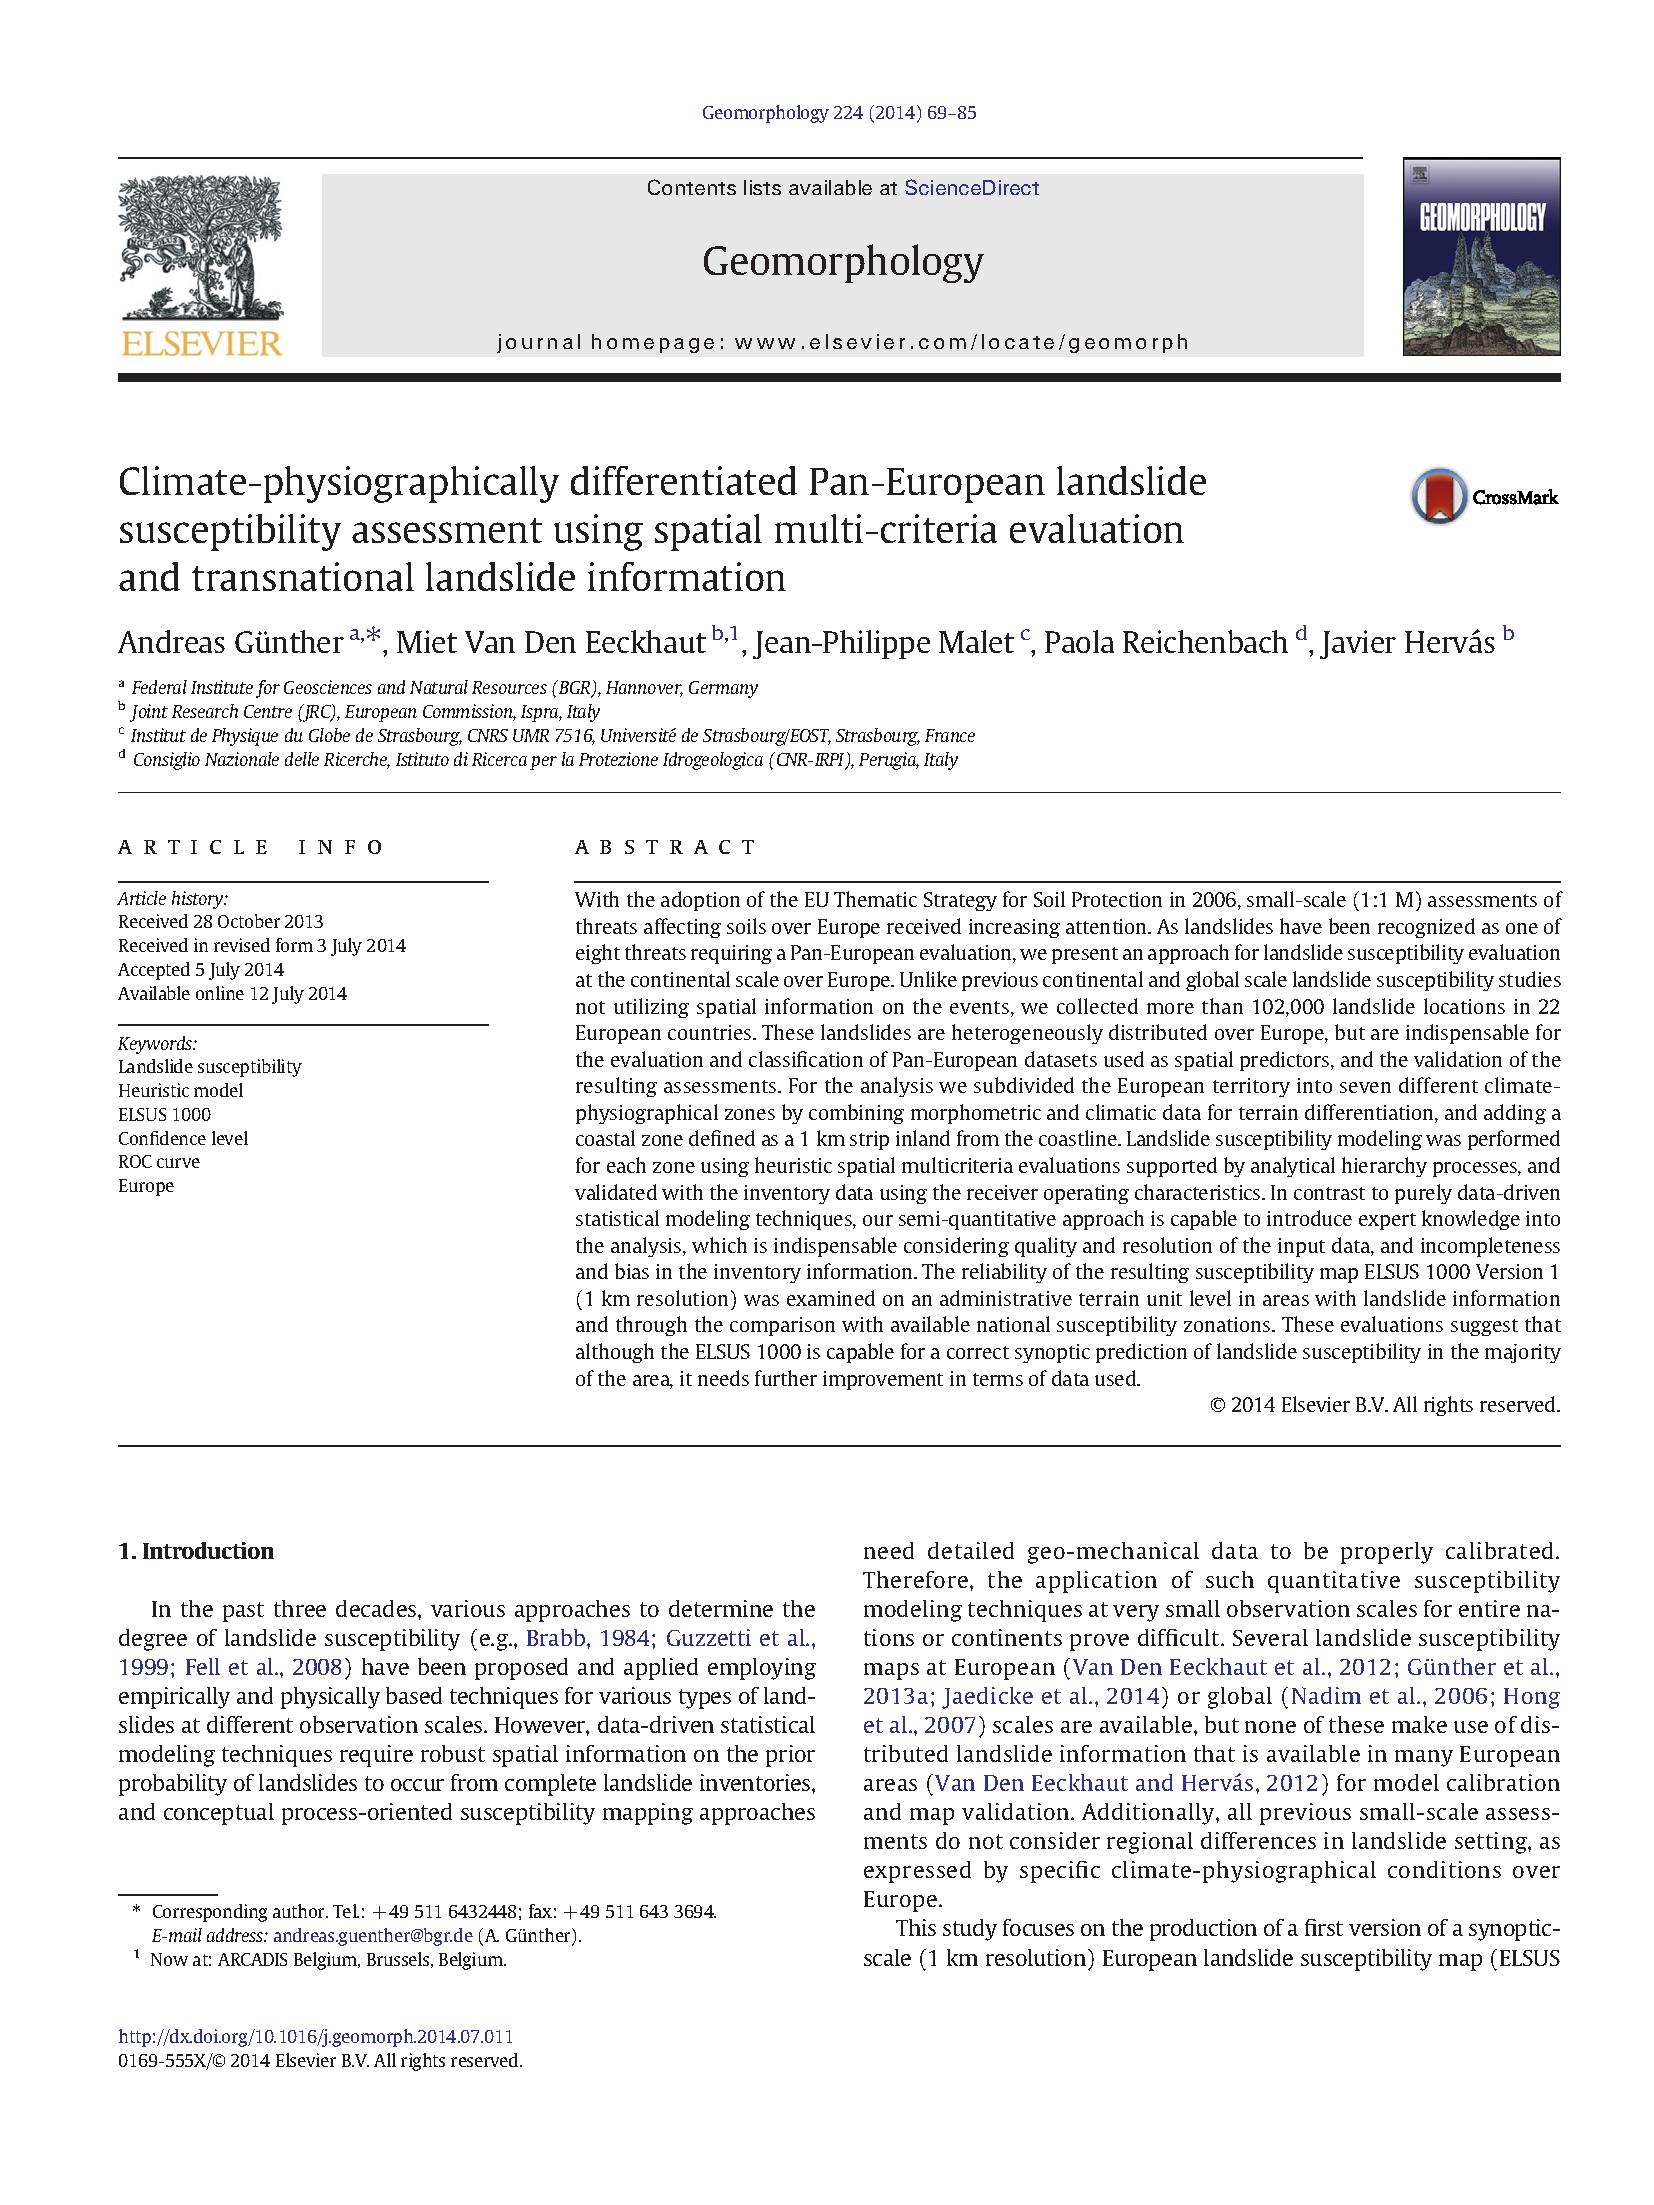 Synoptic Pan European Landslide Susceptibility Assessment The Elsus 1000 V1 Map In Sassa K Canuti P Yin Y Eds Landslide Science For A Safer